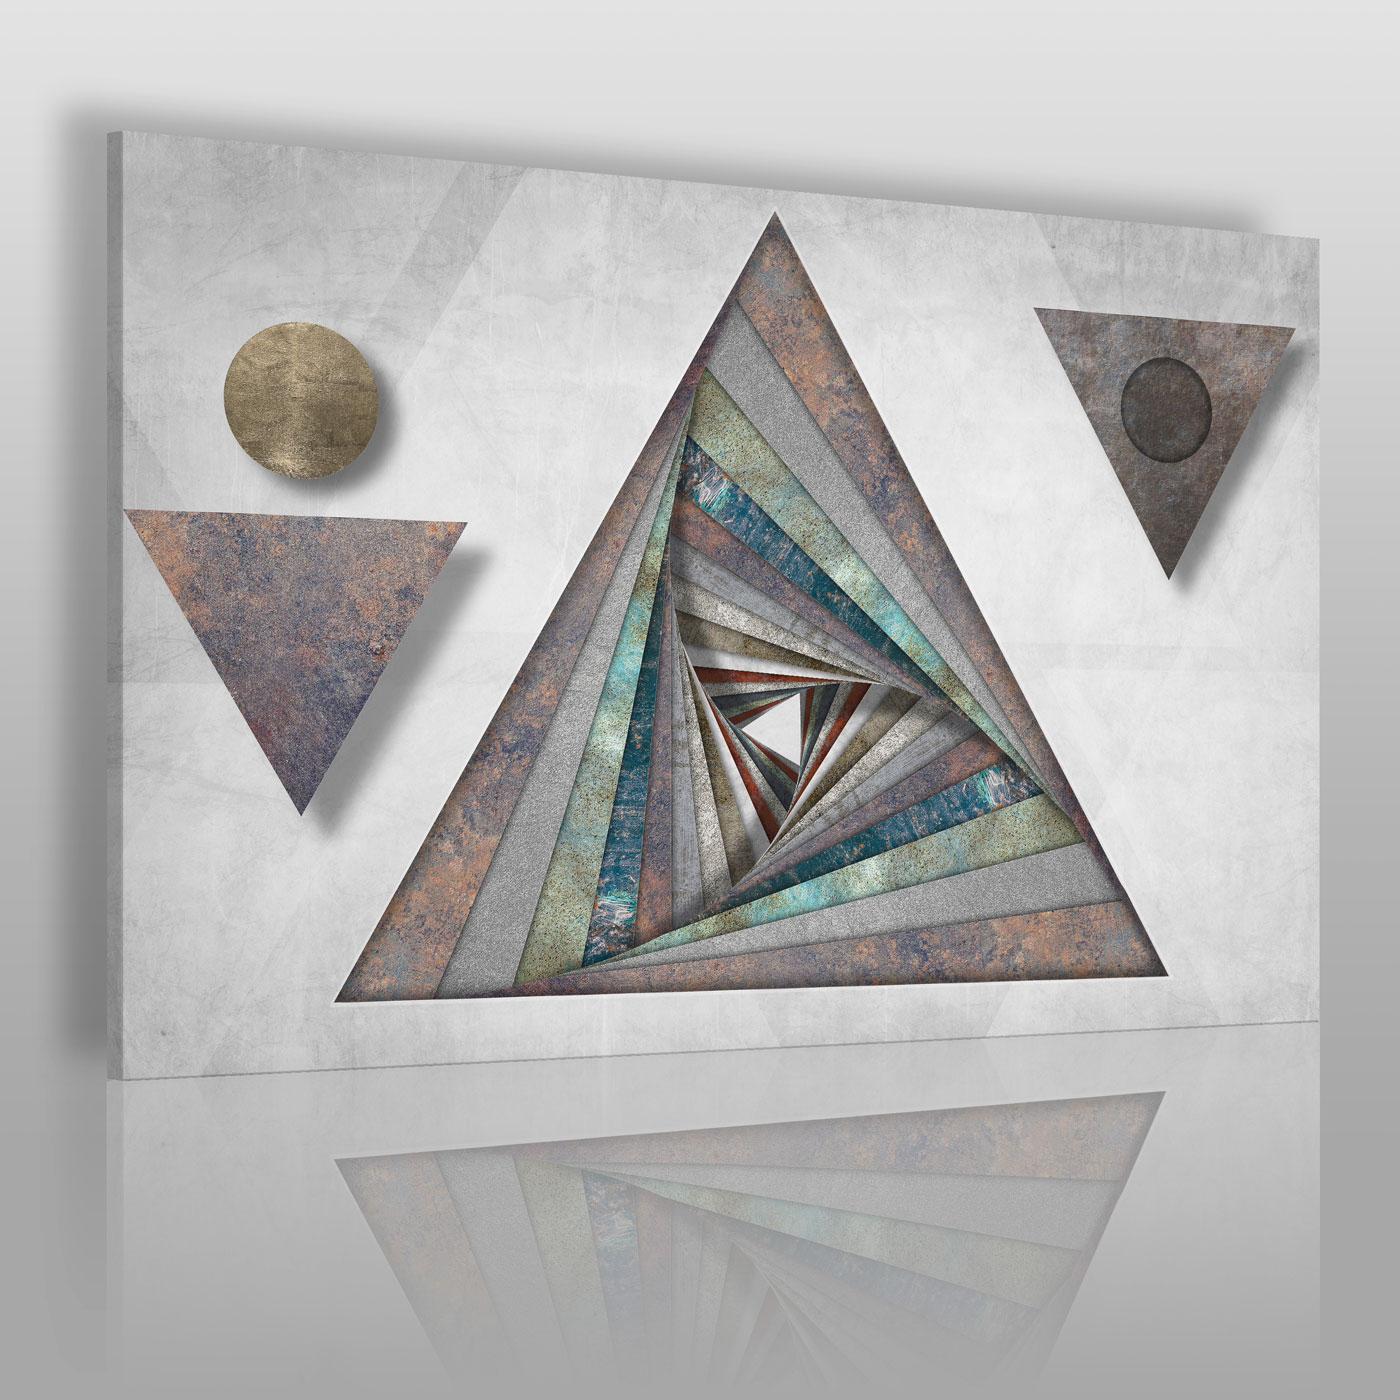 Abstrakcyjny obraz na płótnie w odcieniach szarości - obraz do salonu, sypialni, biura